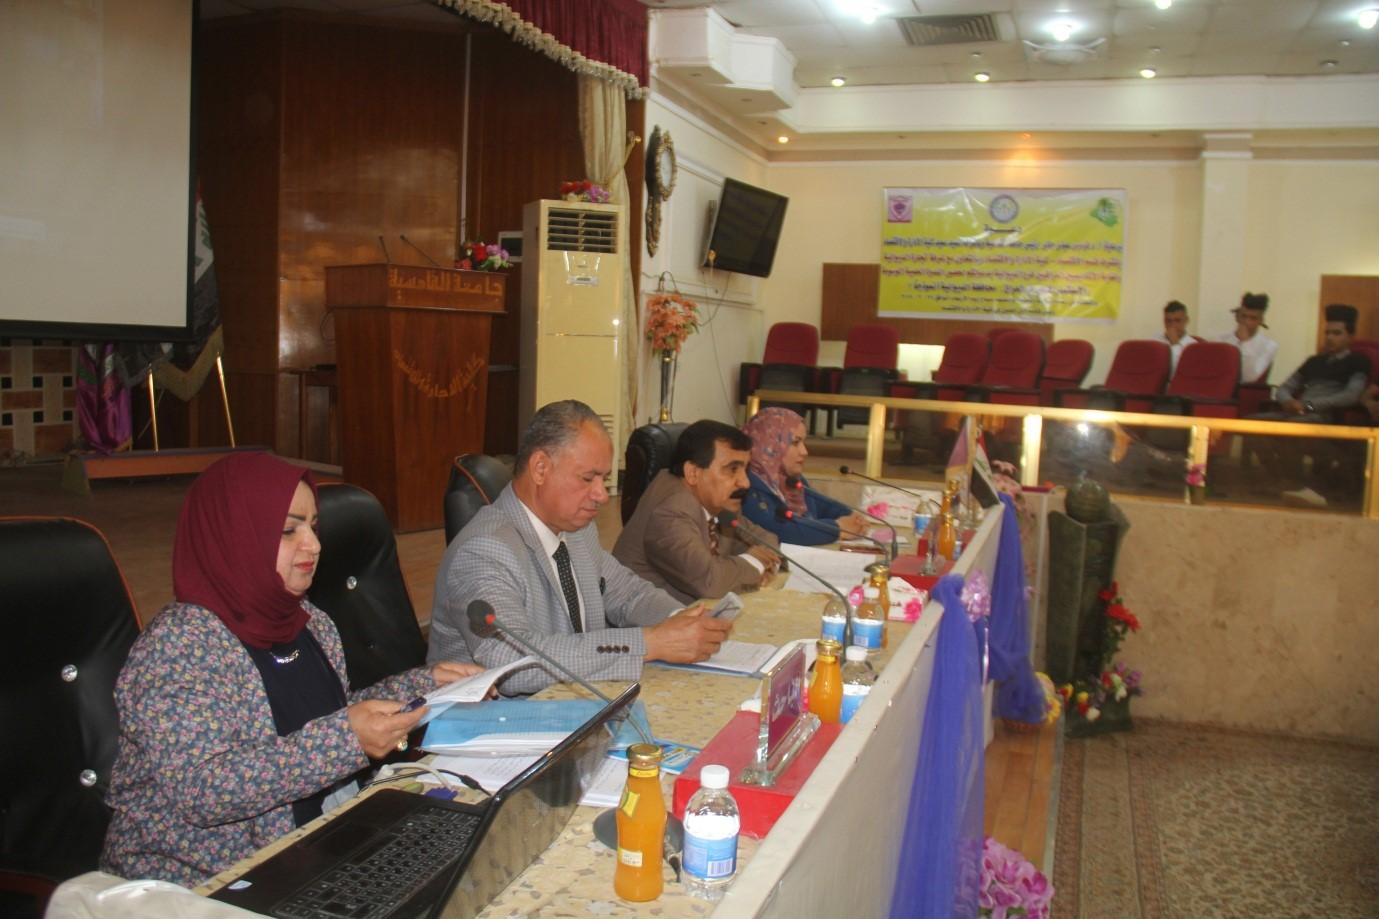 كلية الإدارة والاقتصاد بجامعة القادسية تقيم ندوة علمية حول الاستثمار المحلي في العراق - محافظة الديوانية انموذجاً